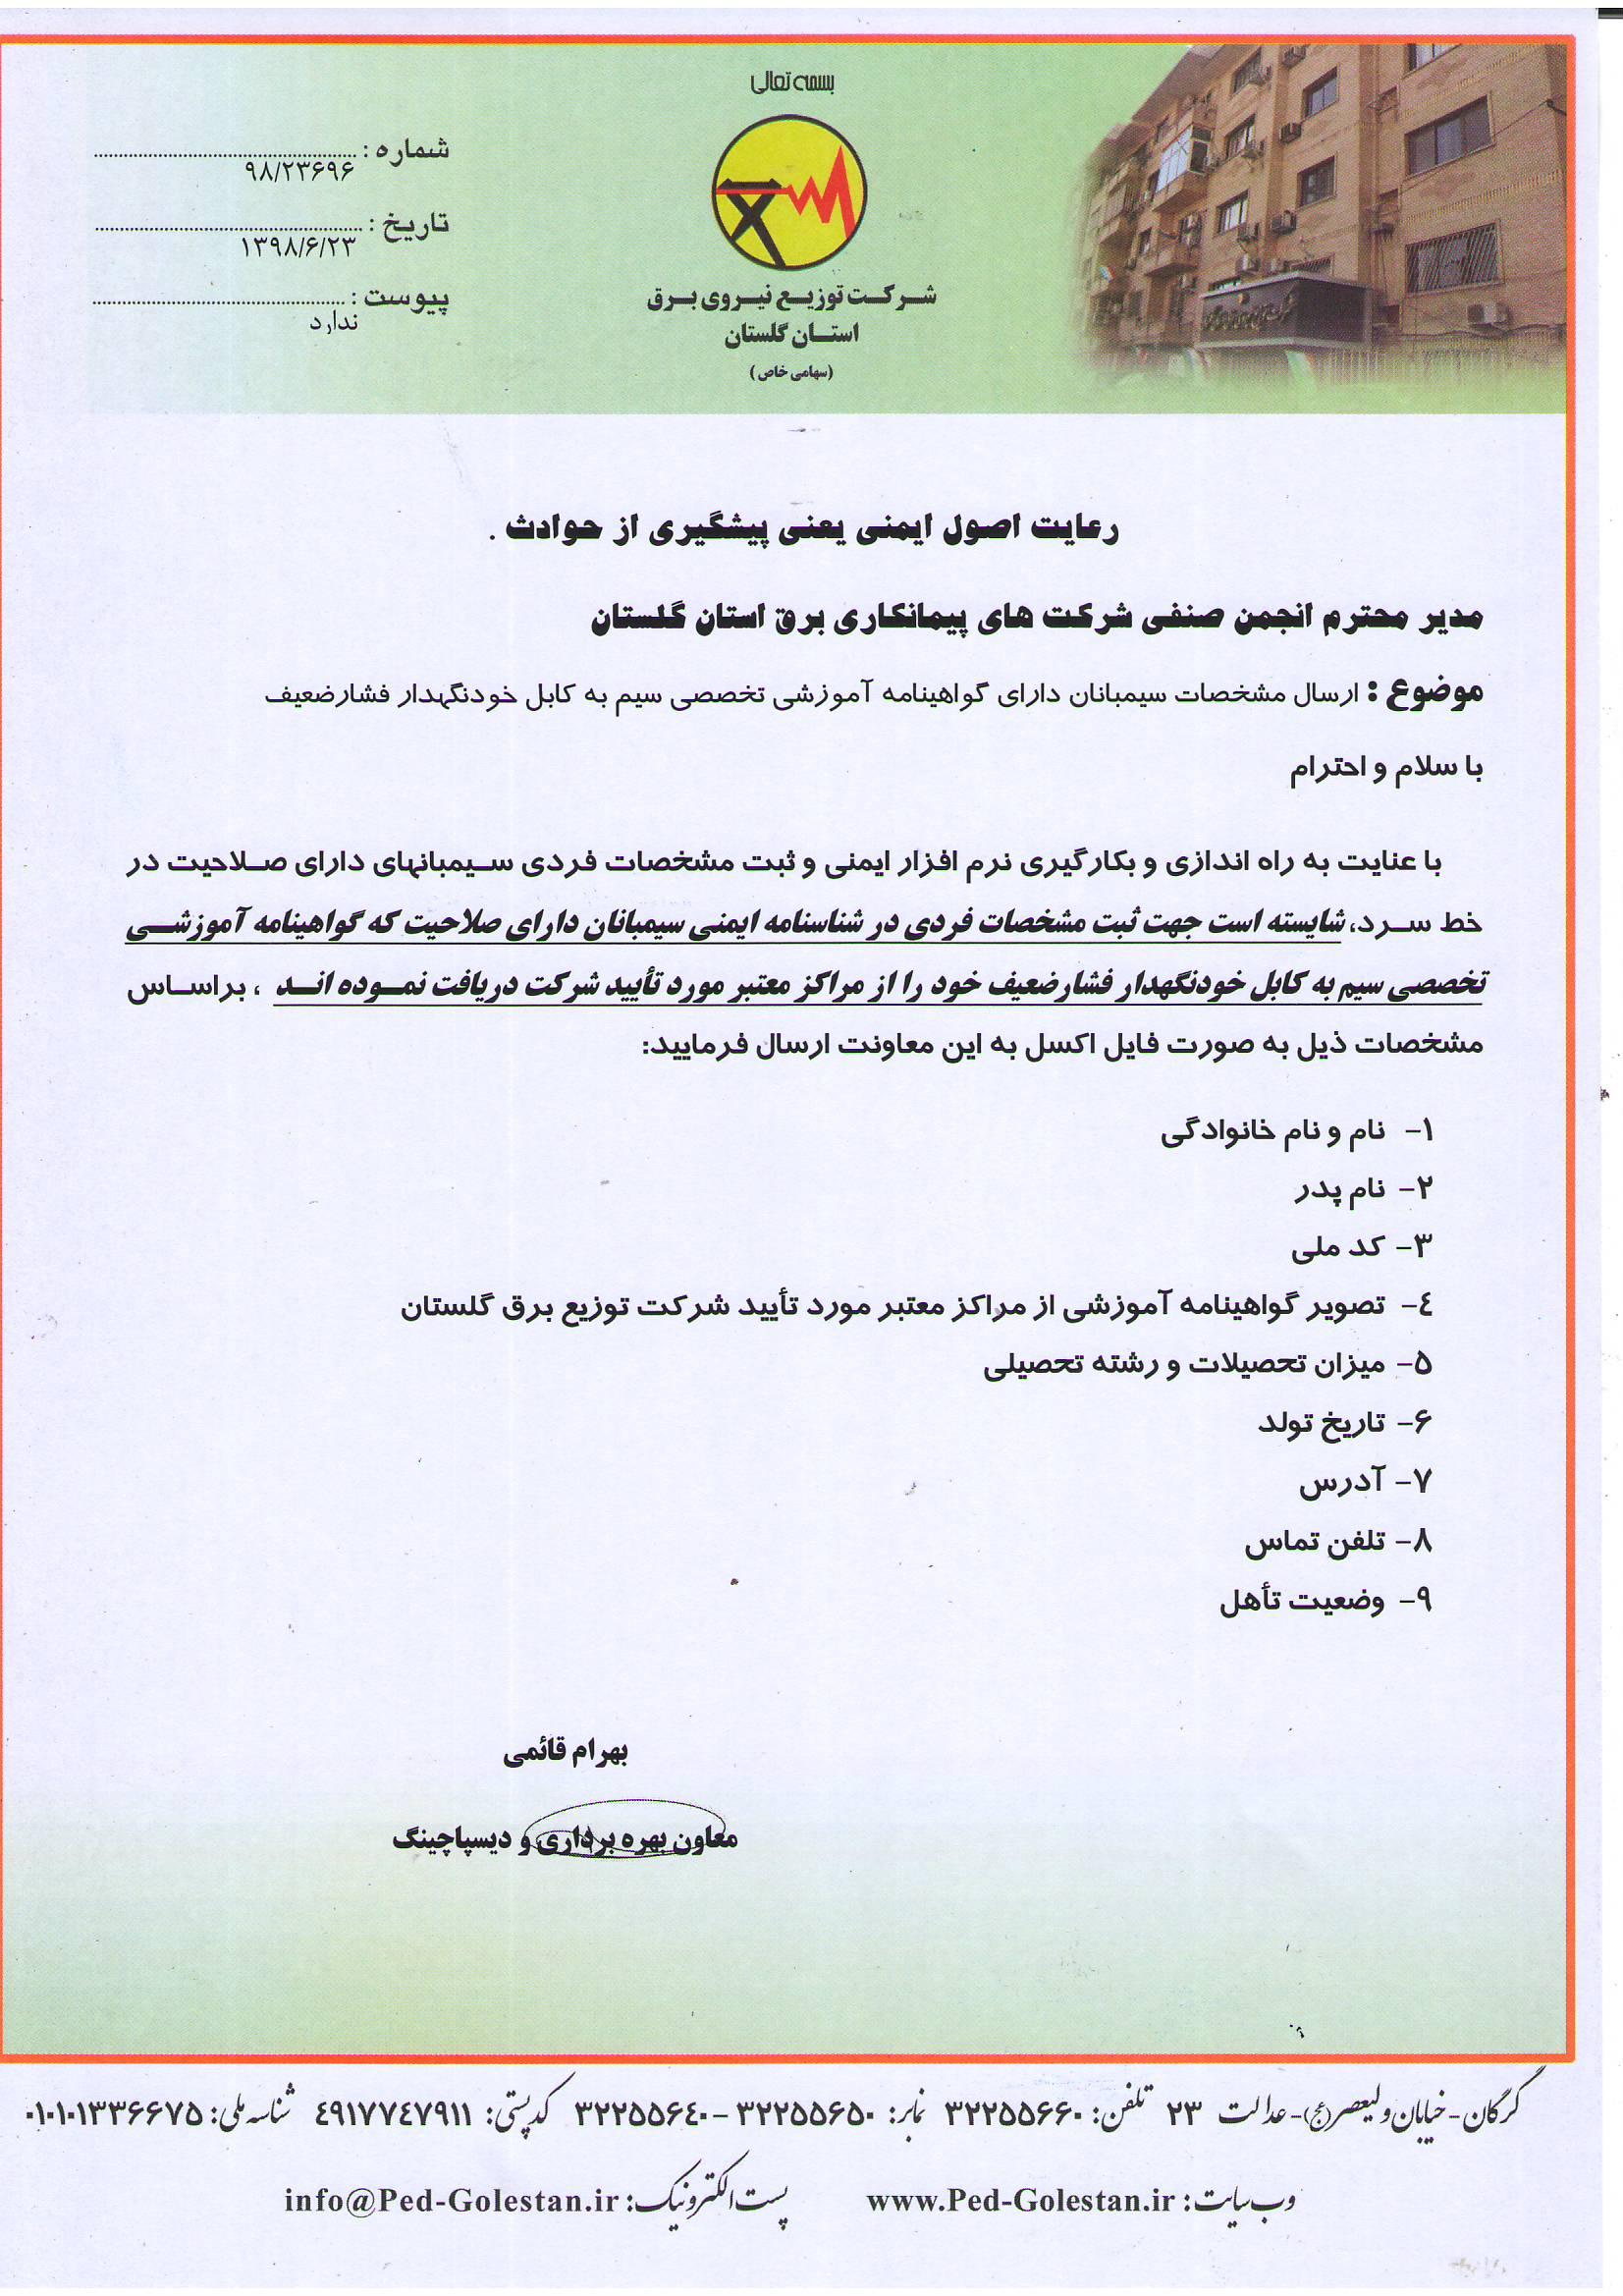 ارسال مشخصات سیمبانان دارای گواهینامه سیم به کابل